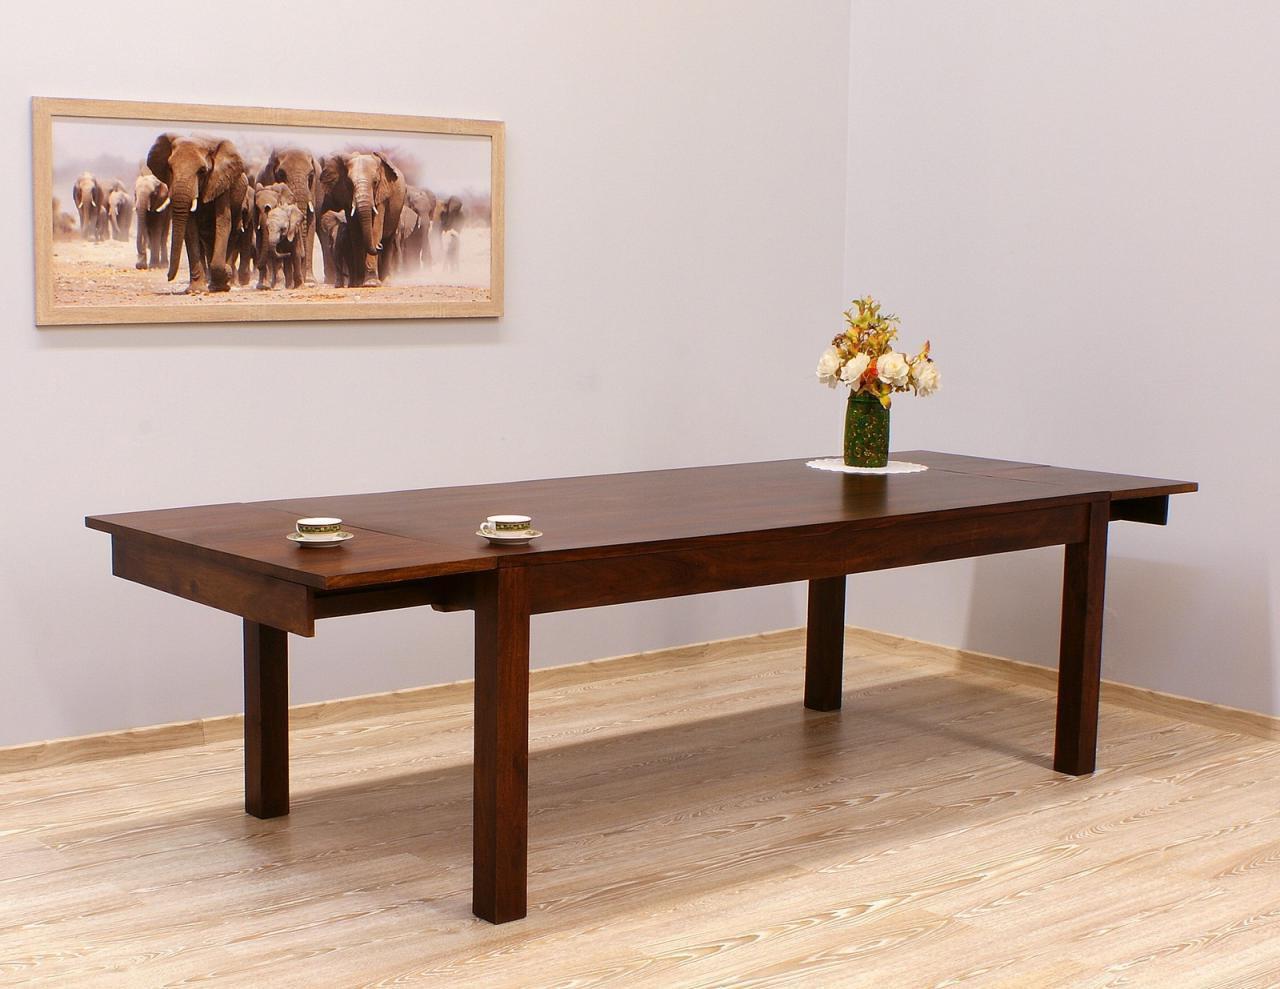 Stół kolonialny rozkładany lite drewno palisander indyjski ciemnobrązowy duży